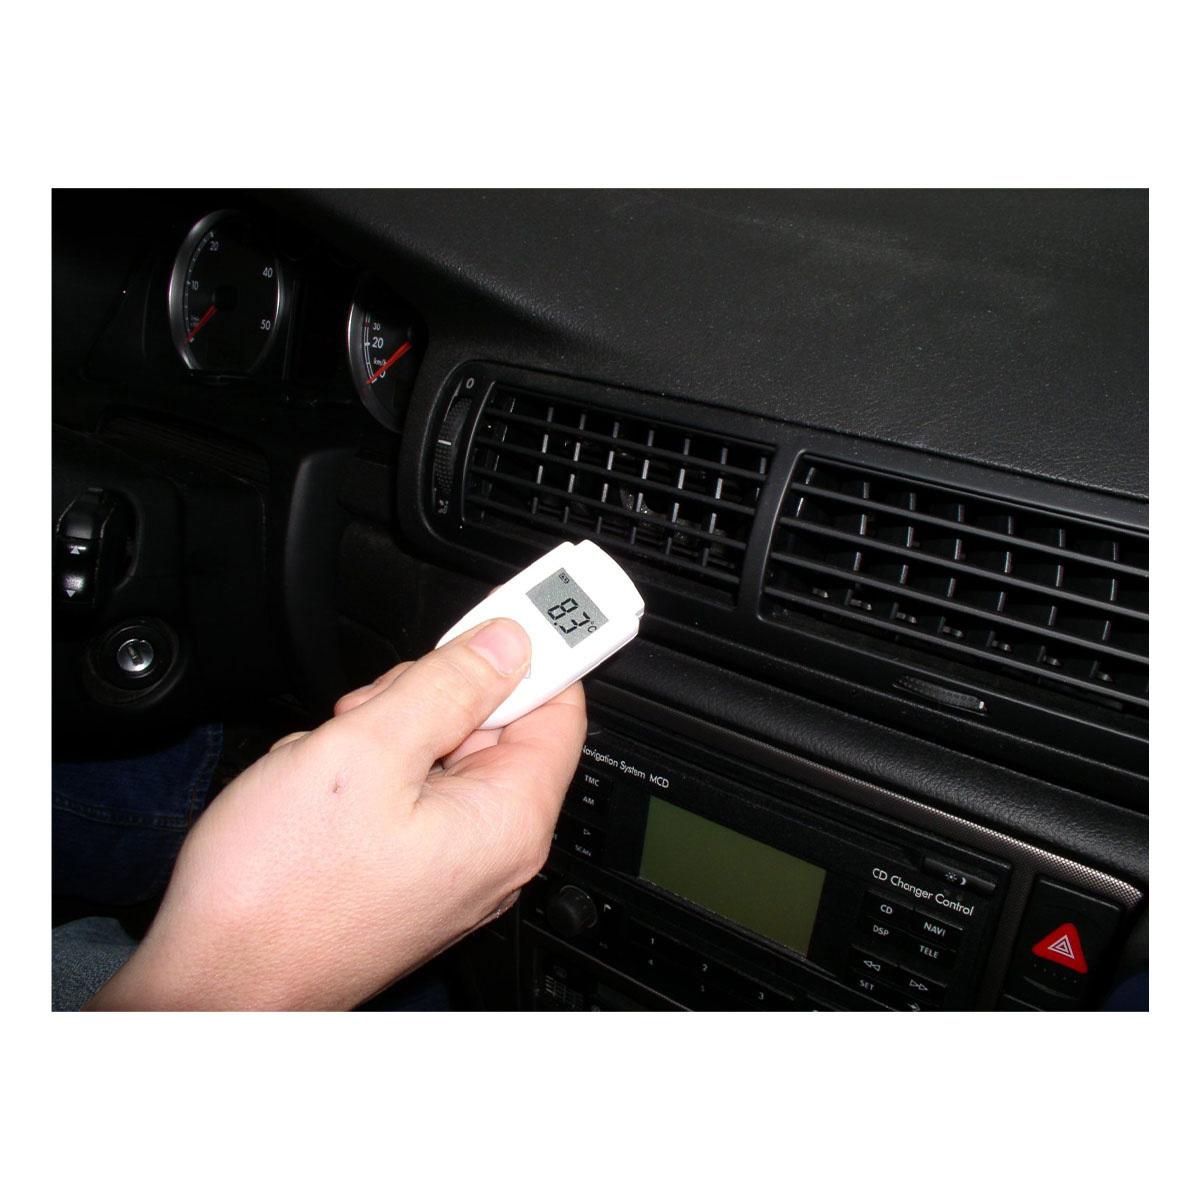 31-1108-infrarot-thermometer-mini-flash-anwendung4-1200x1200px.jpg